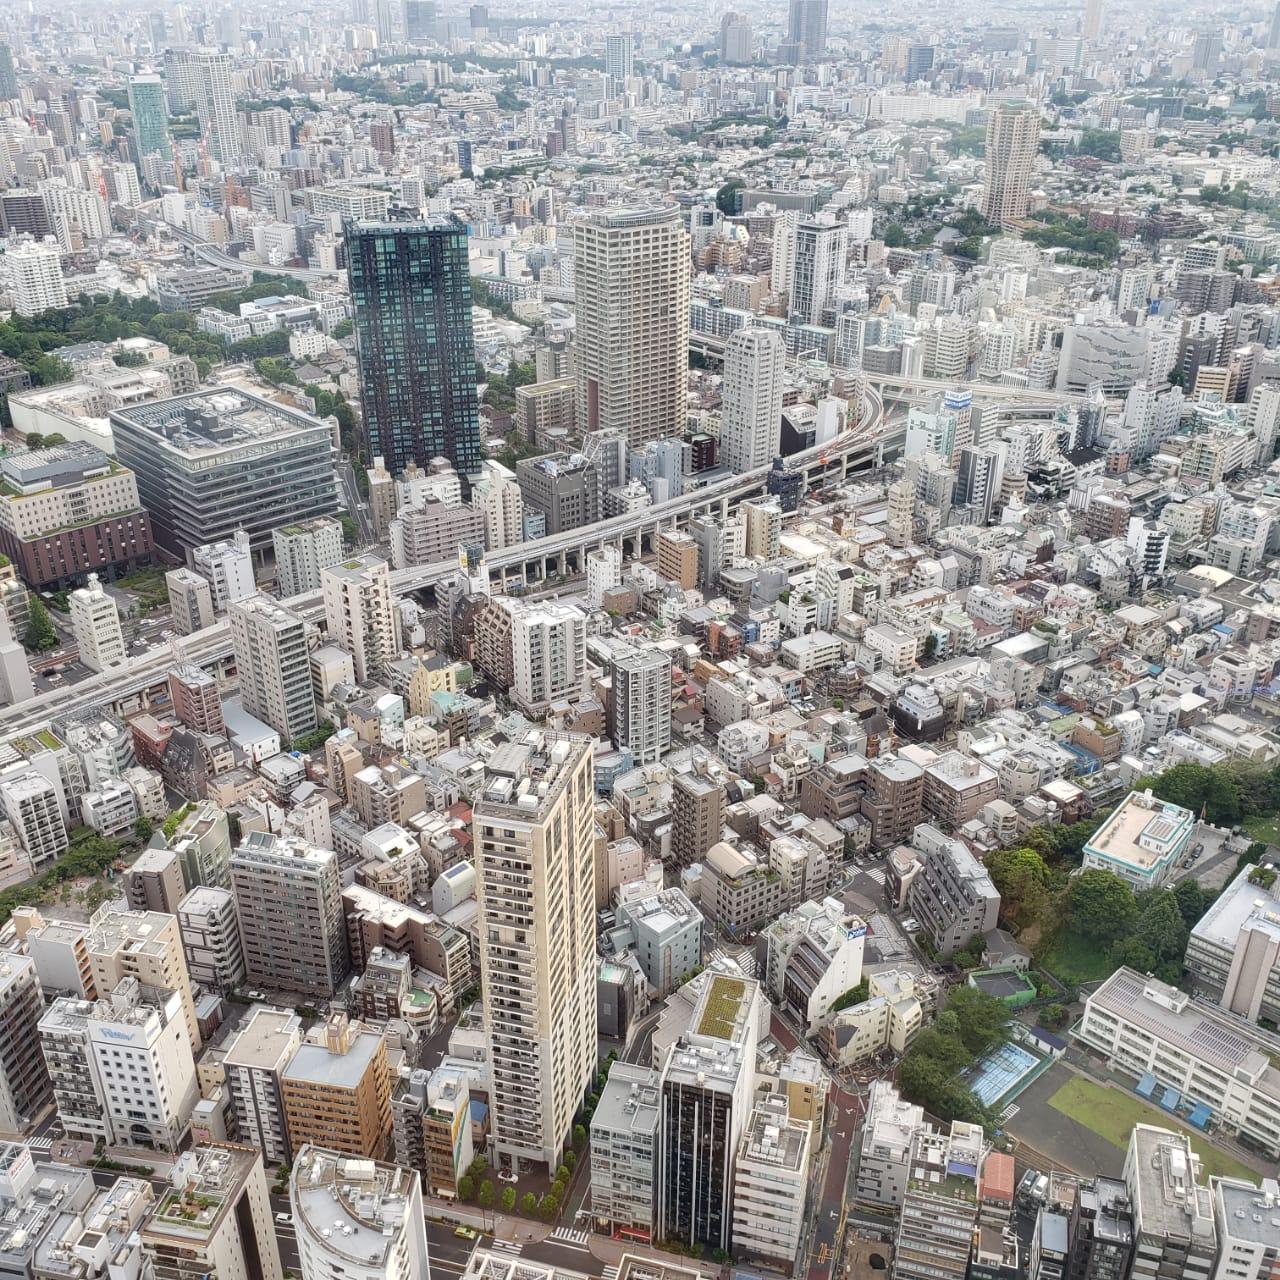 Saiba mais sobre a engenharia anti-sísmica do Japão